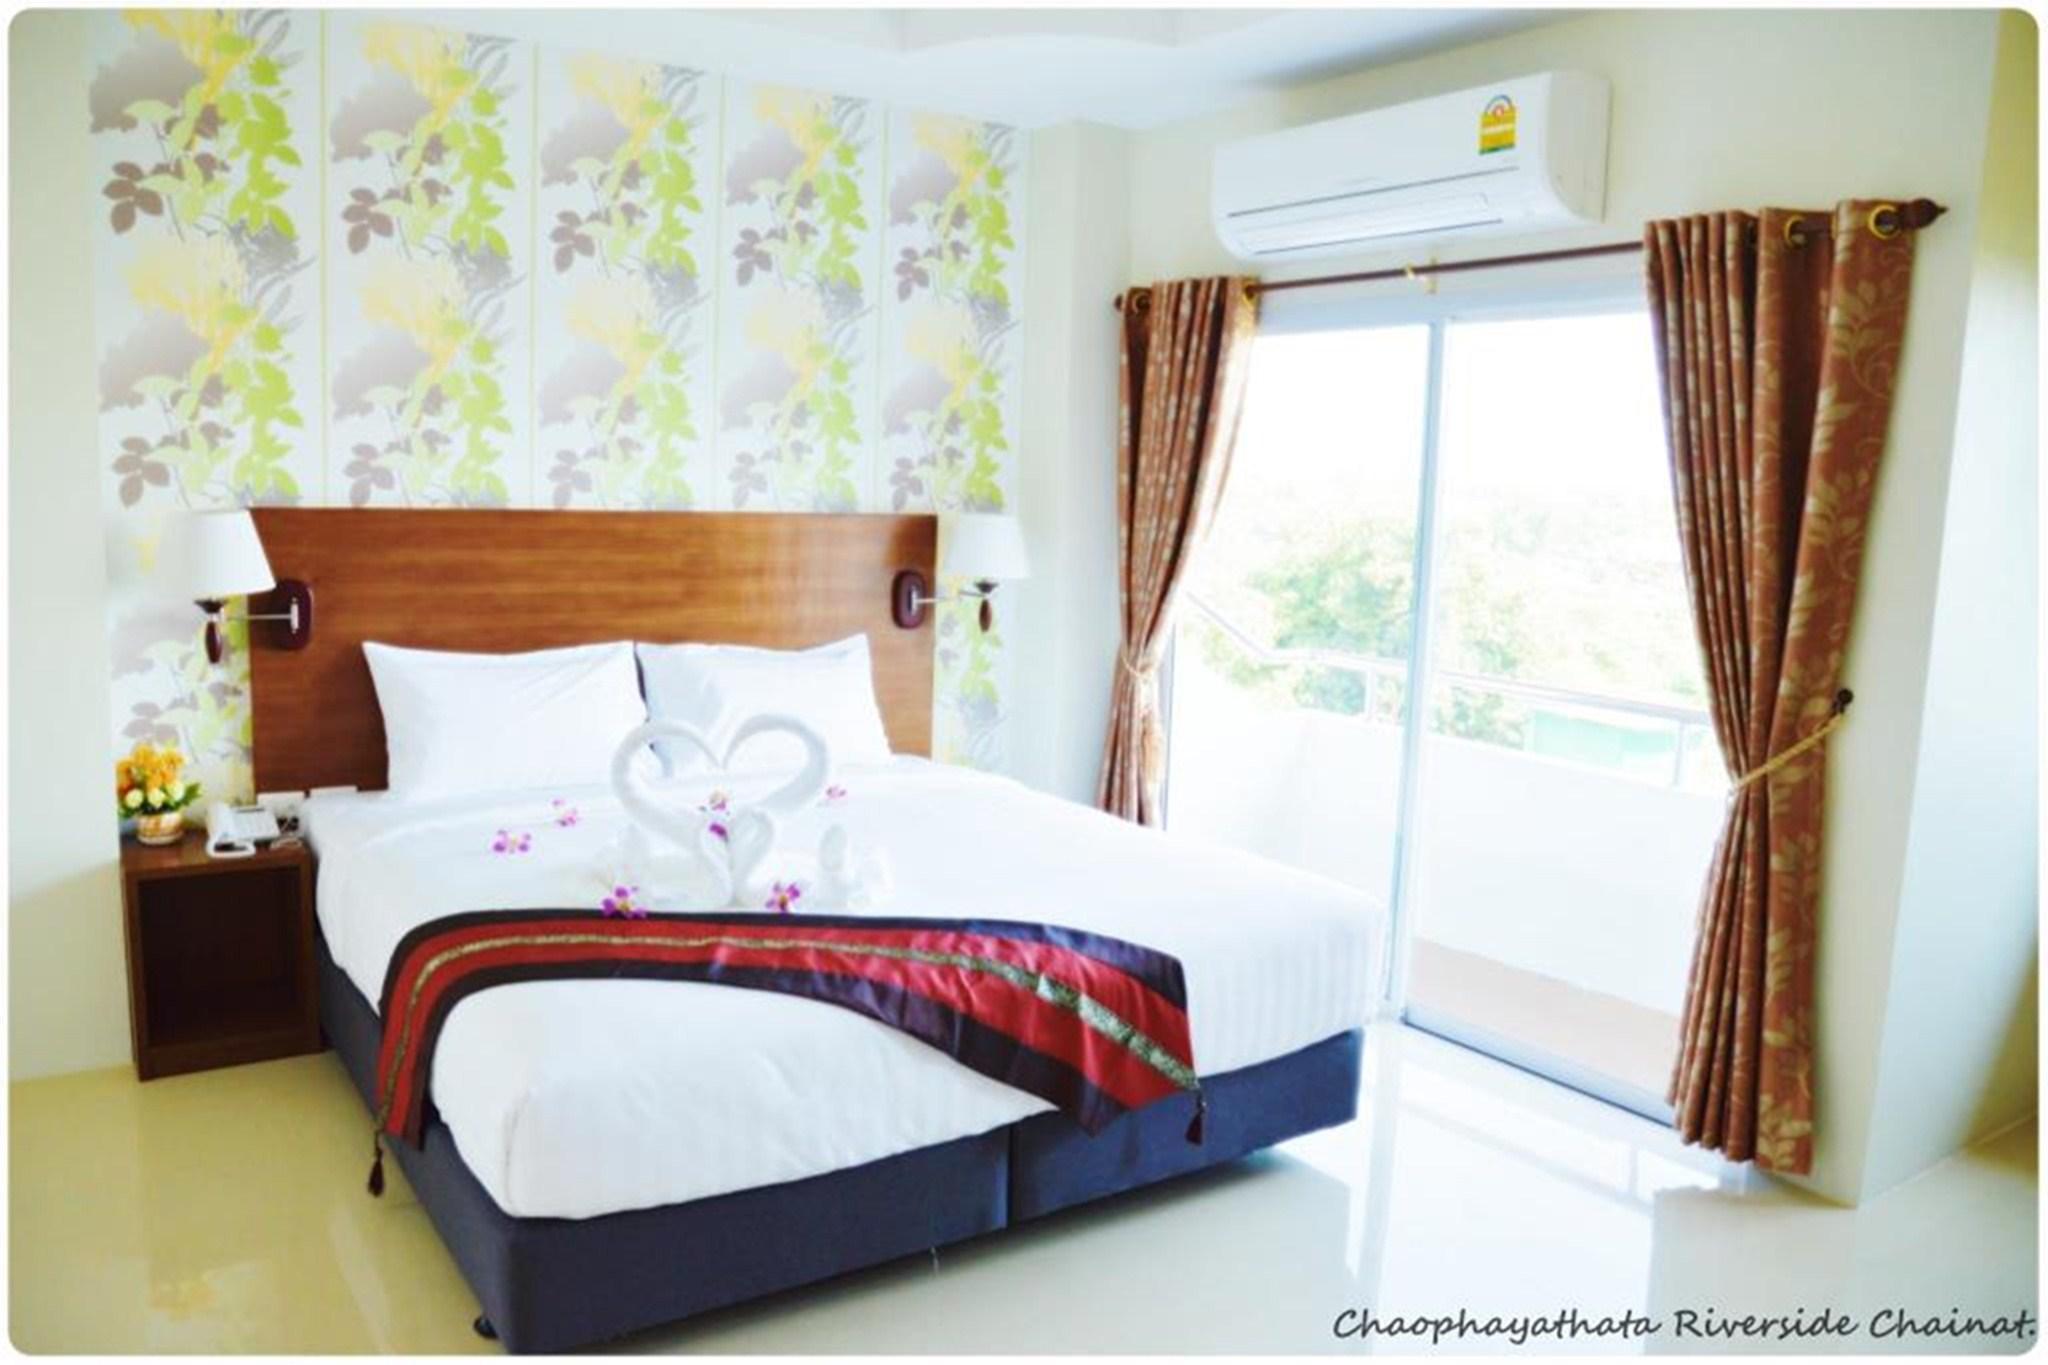 Chaophayathara Riverside Hotel, Muang Chai Nat